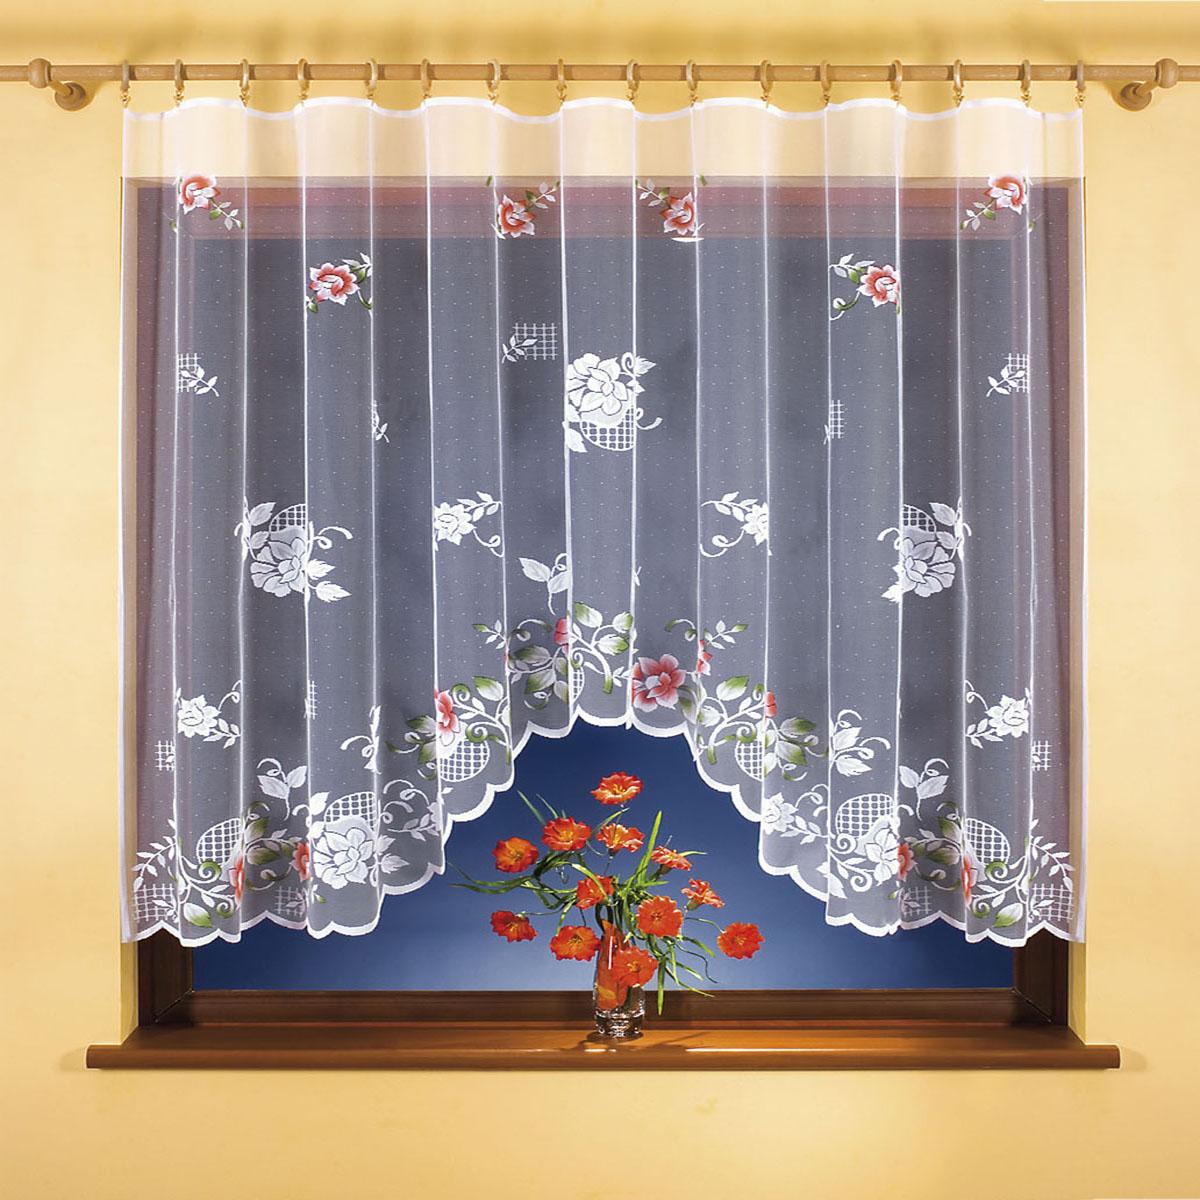 Гардина Wisan, цвет: белый, ширина 300 см, высота 150 см. 9840-19840-1вид крепления - под зажимы для штор Размеры: ширина 300*высота 150